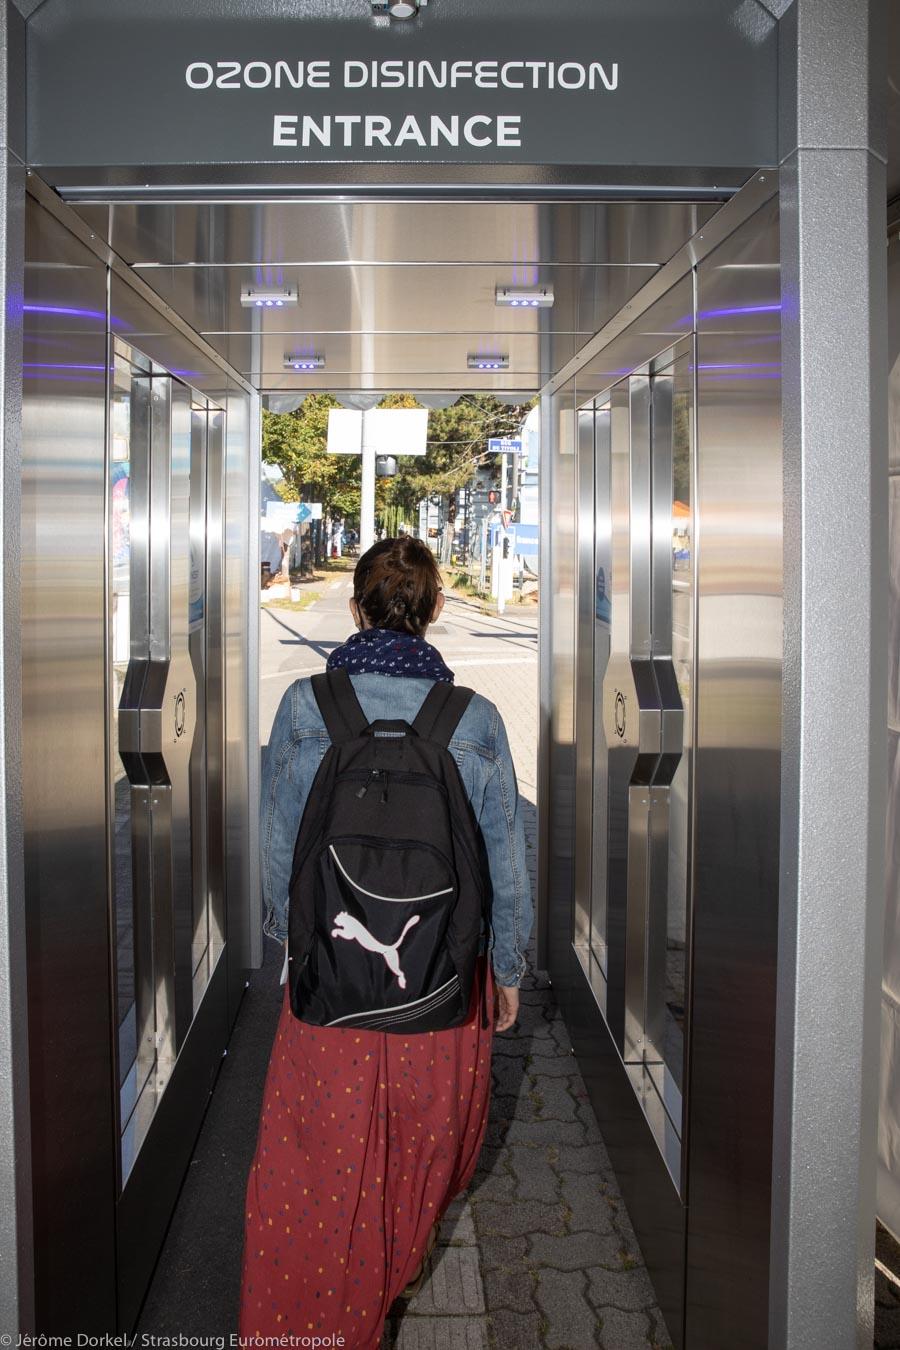 Cabine de désinfection par flux d'ozone à la Foire Européenne de Strasbourg